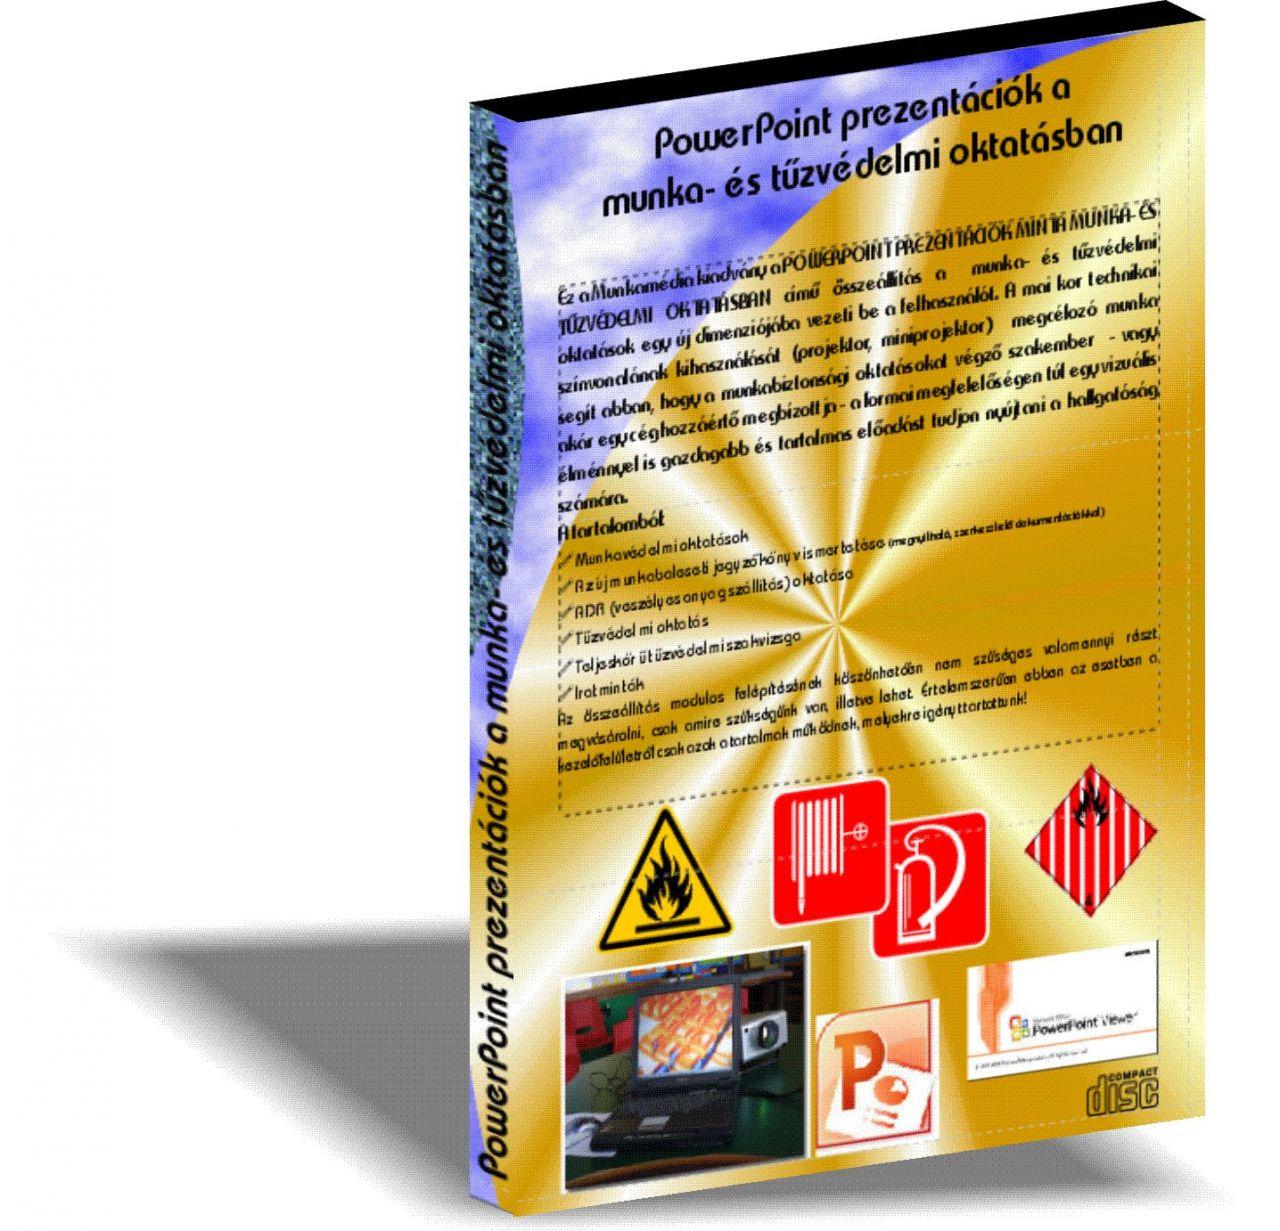 Tűzvédelmi oktatás prezentációk CD